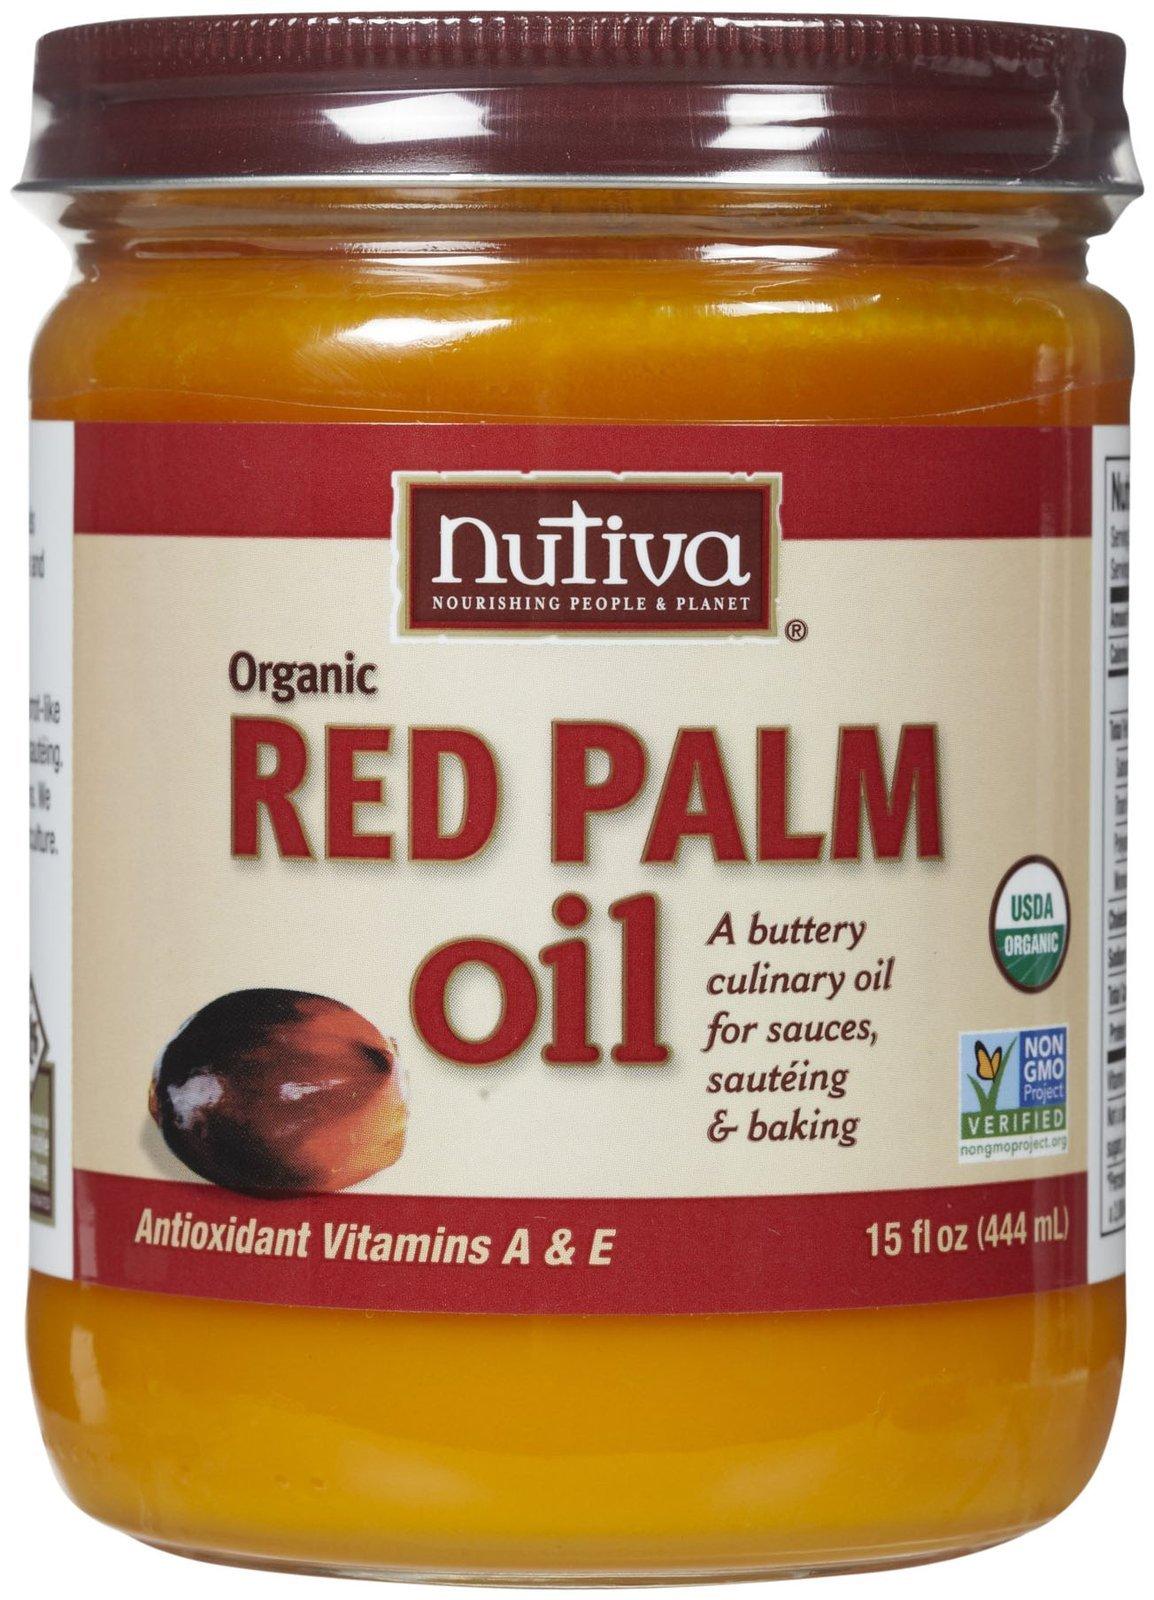 Nutiva Red Palm Oil, 15 fl oz